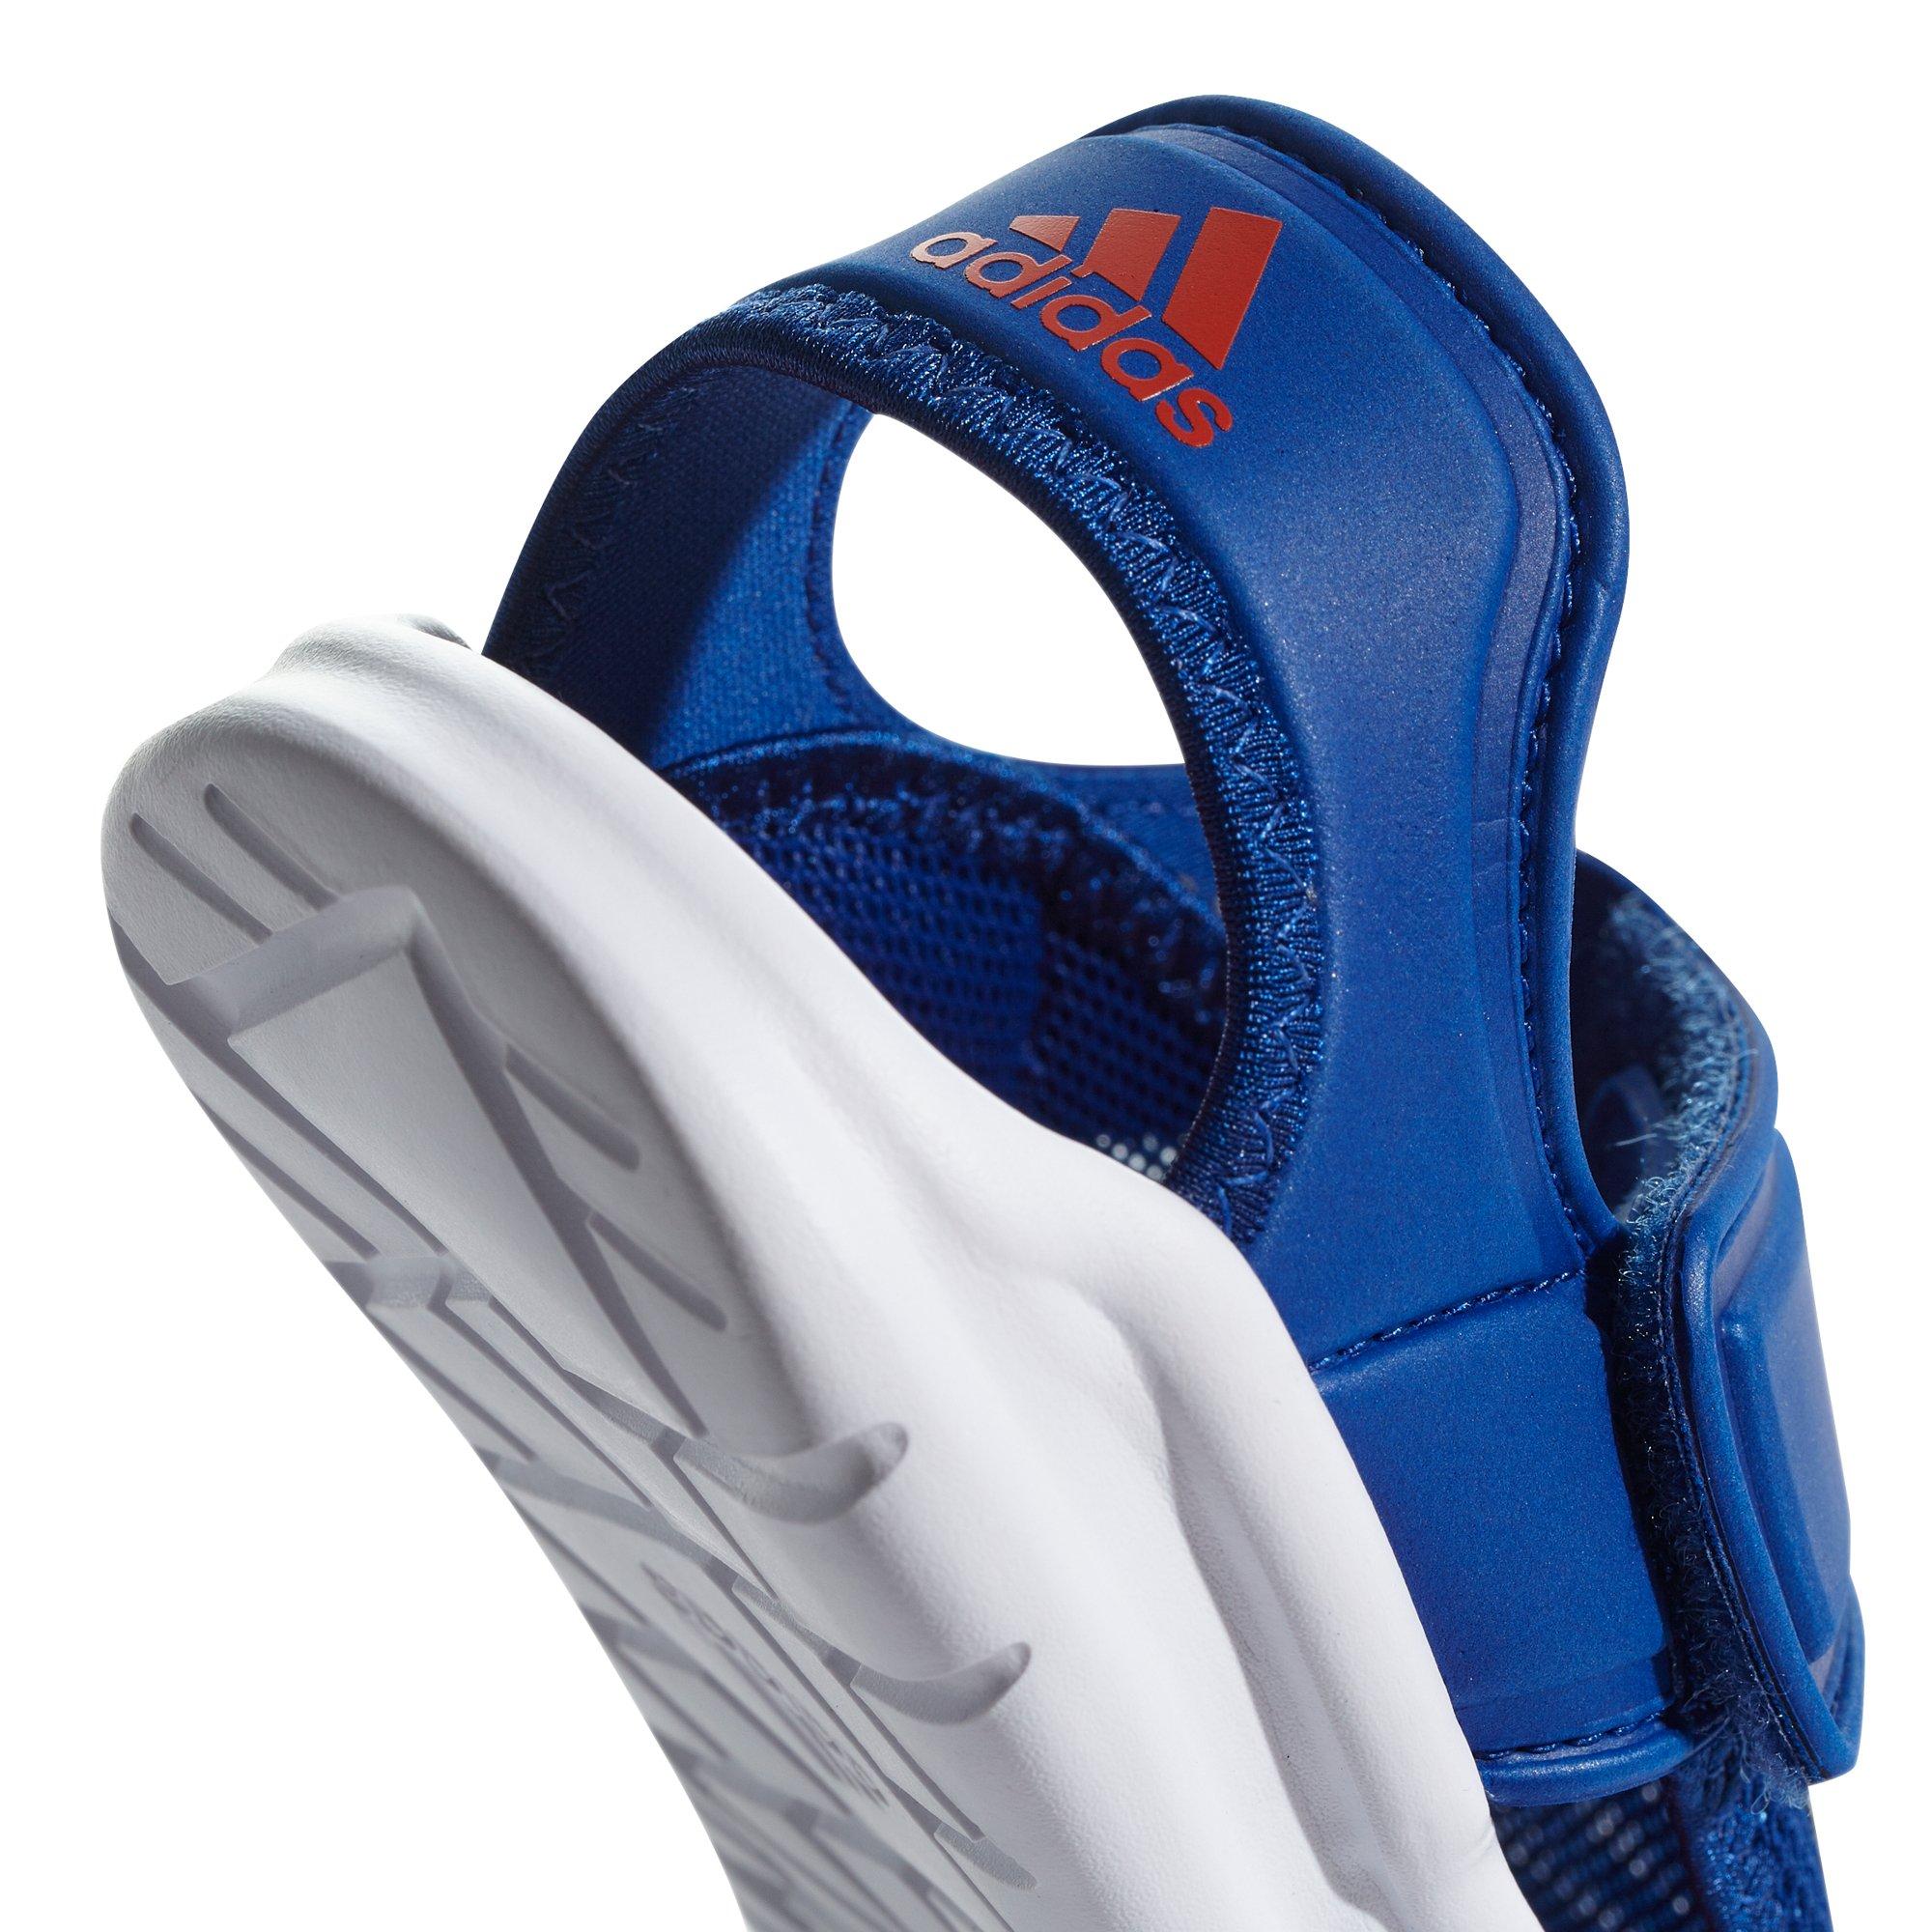 b598714d sandały sandałki dziecięce adidas r 29 AC8253 - 7213016469 ...